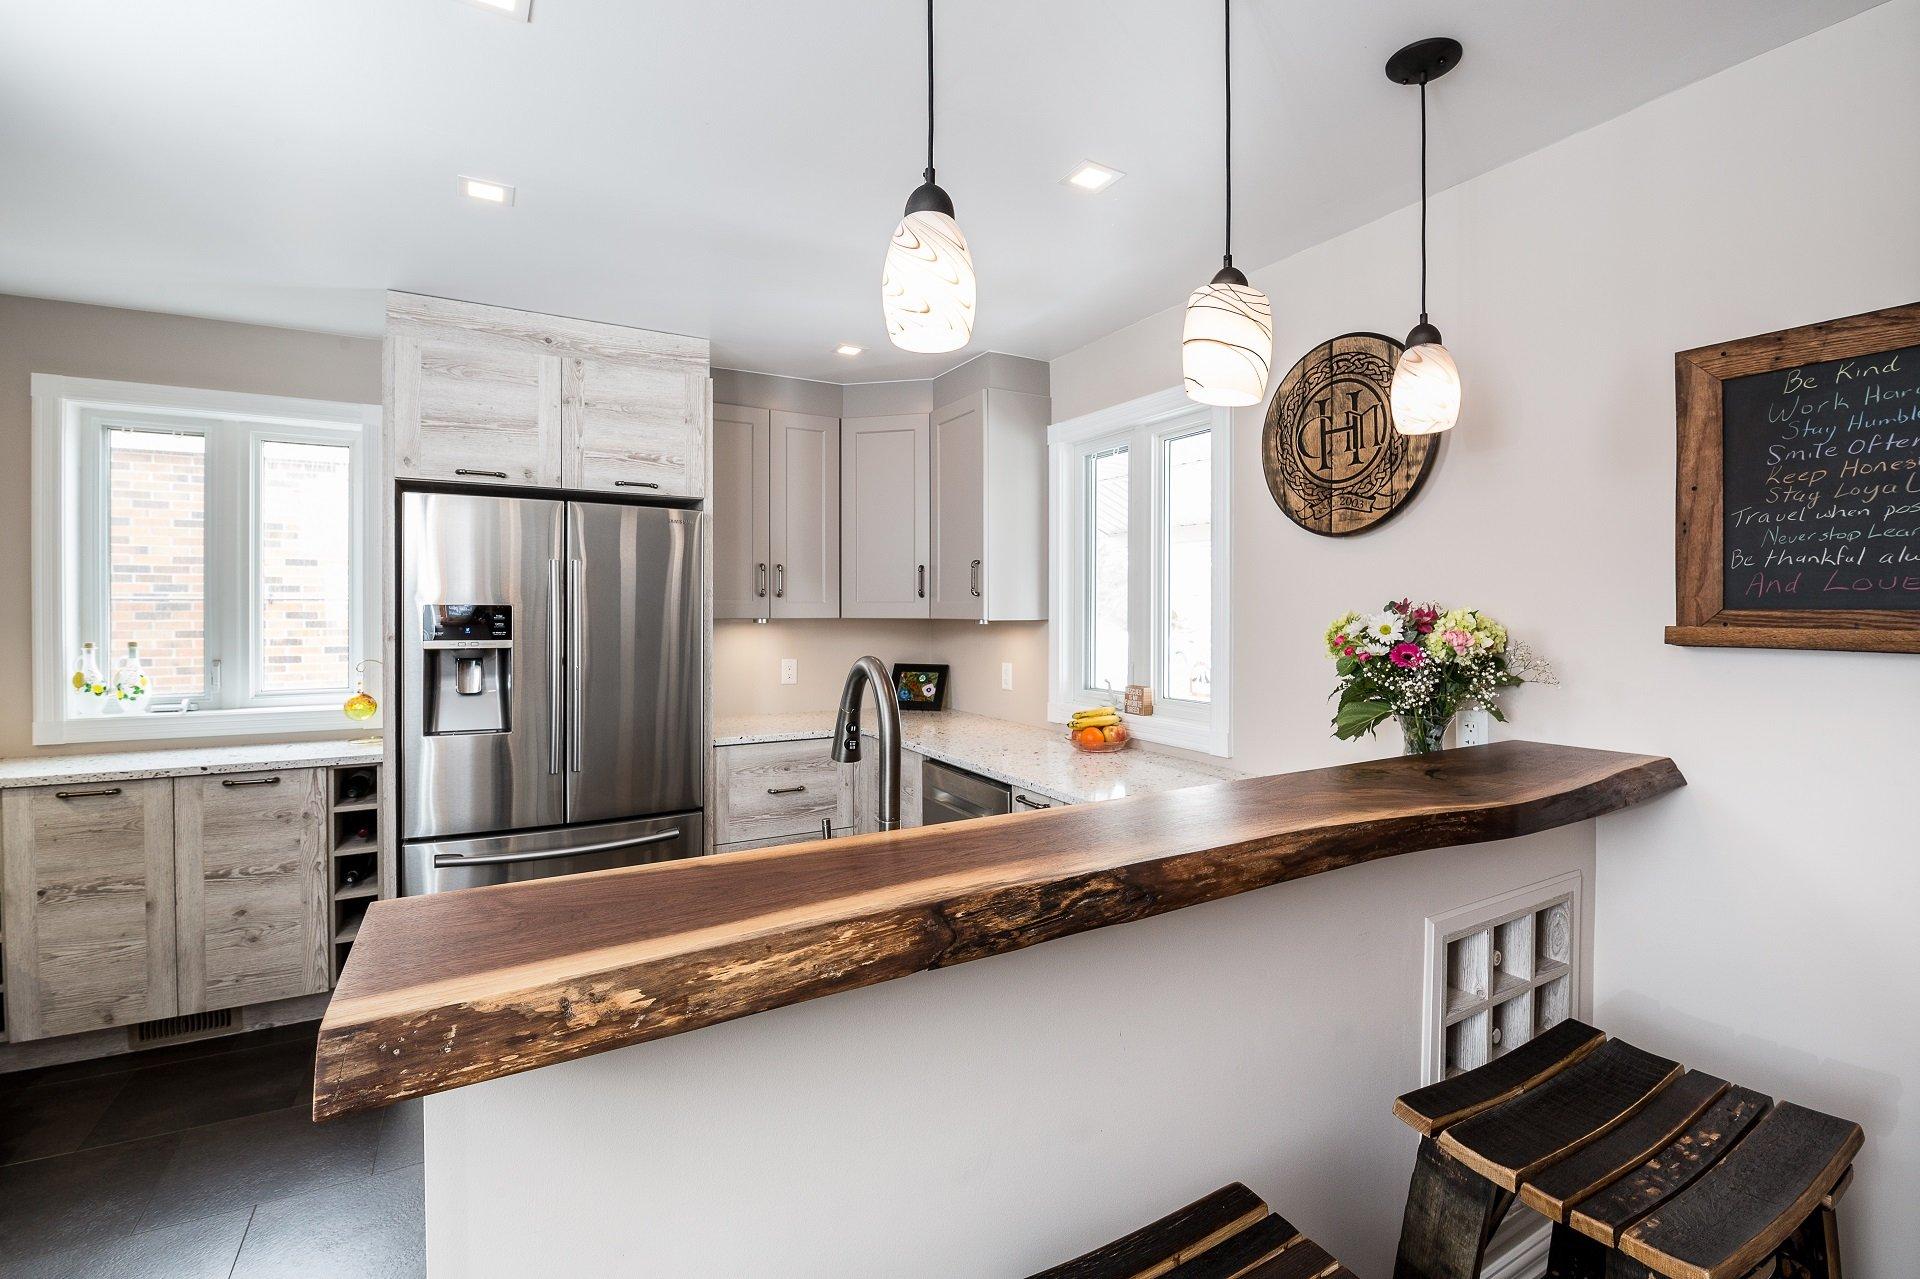 A unique kitchen design by Deslaurier.